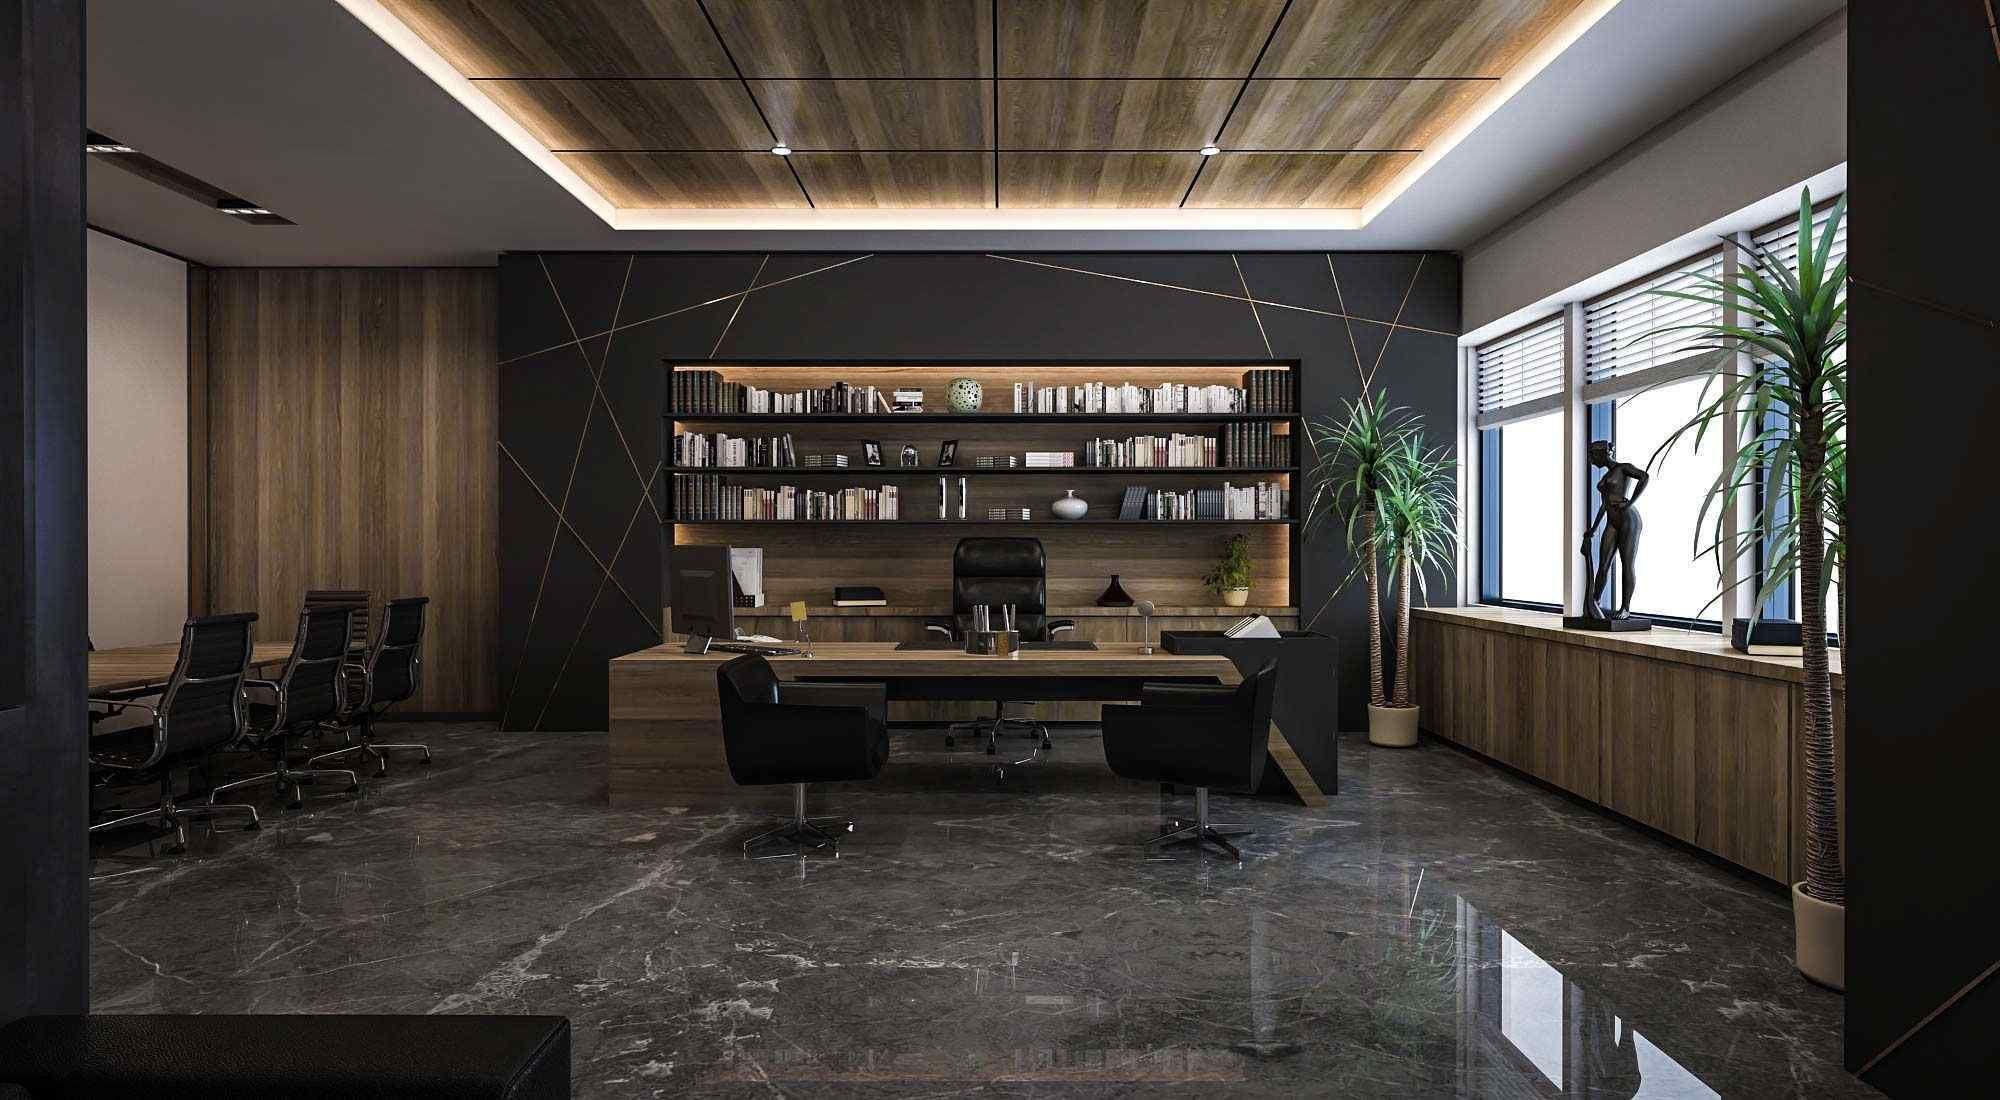 Corporate Office Design Executive Decor Awesome Corporate Office Design Executive De Office Interior Design Modern Small Office Design Office Interior Design